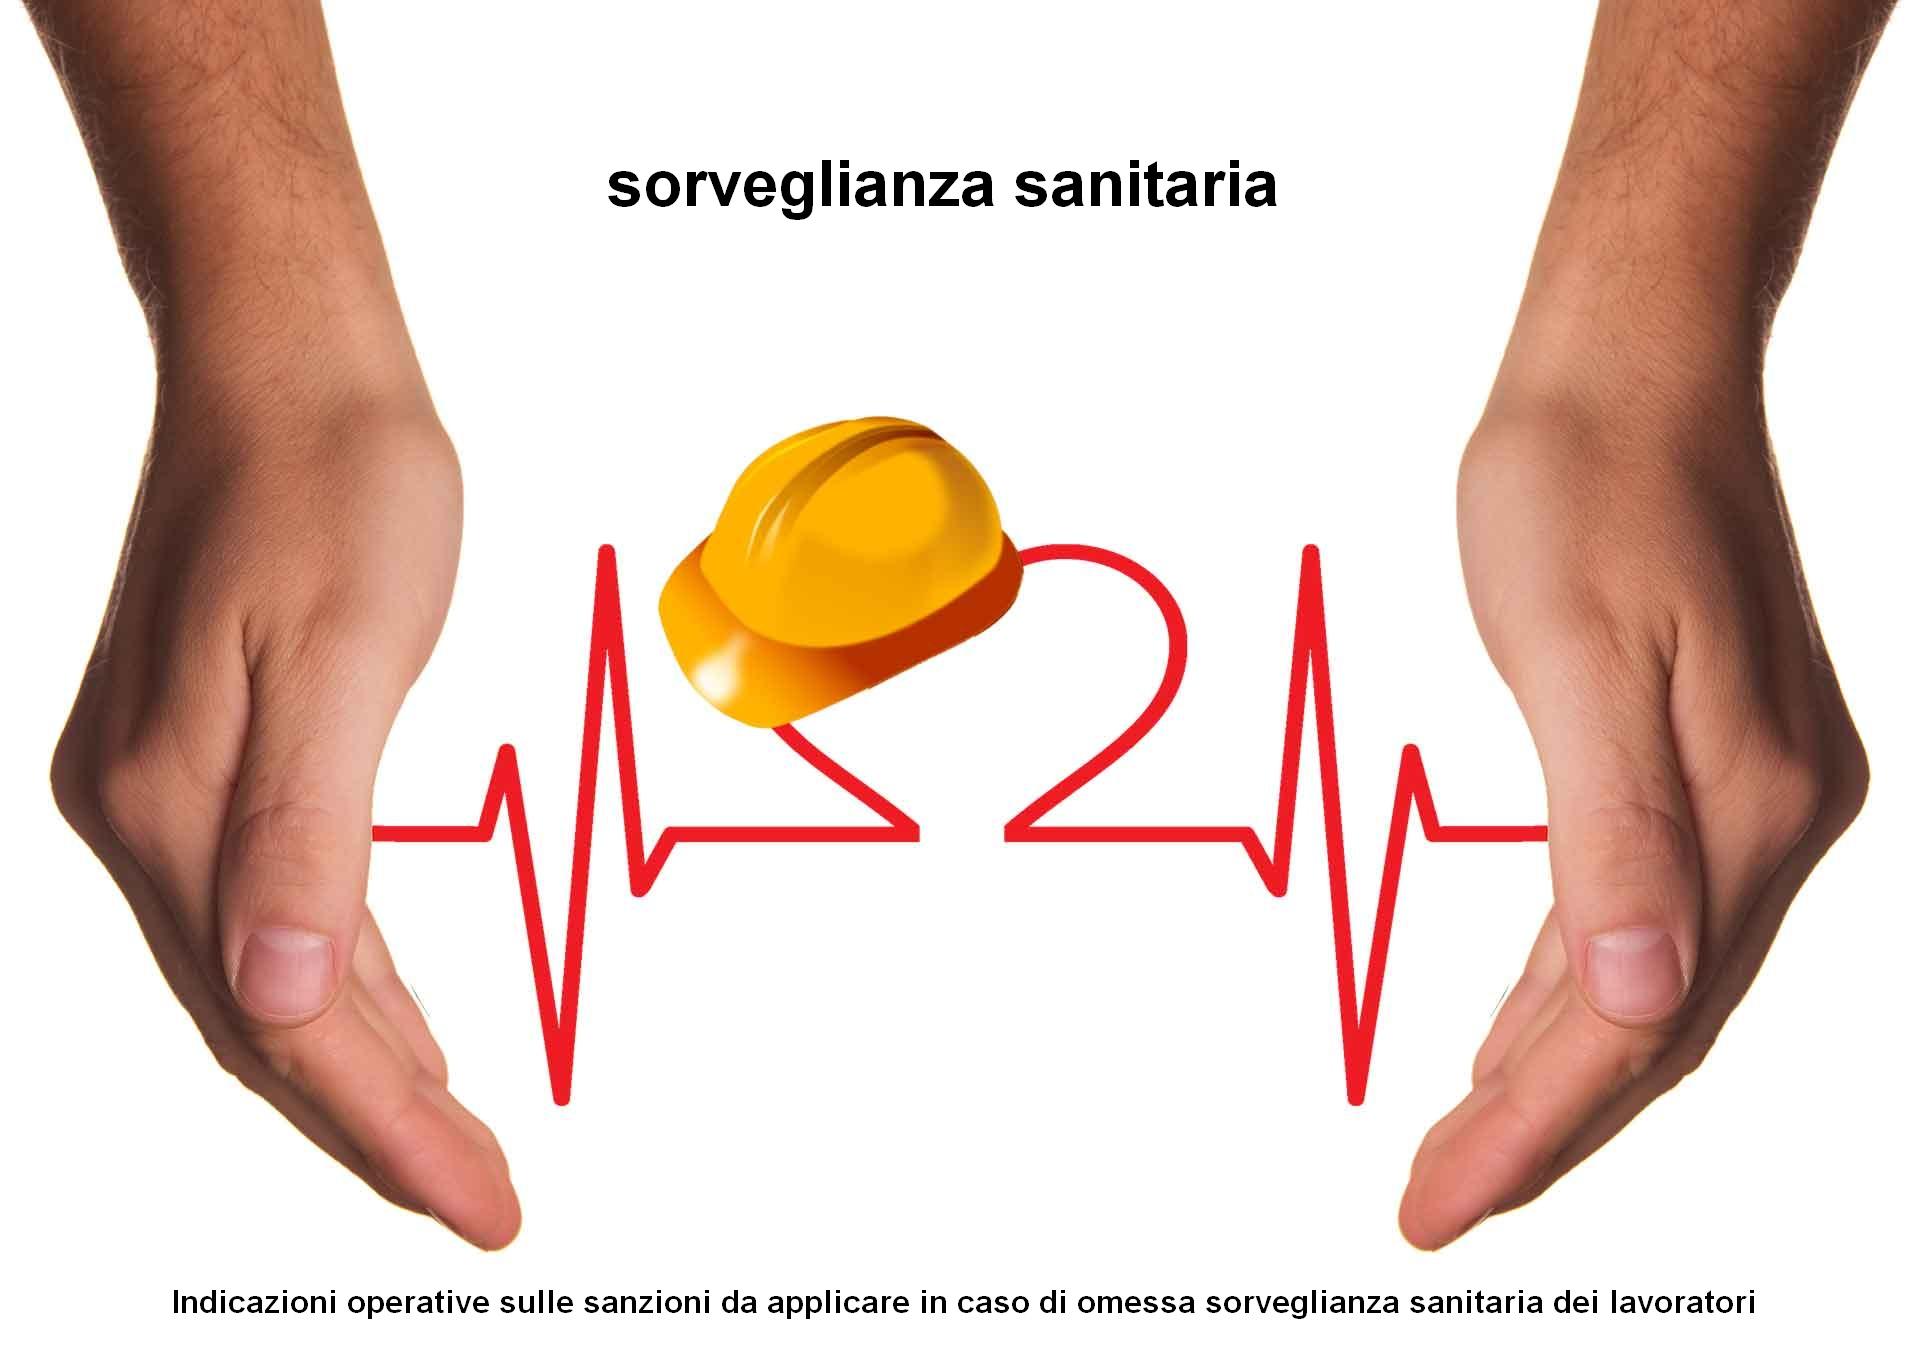 Indicazioni operative sulle sanzioni da applicare in caso di omessa sorveglianza sanitaria dei lavoratori